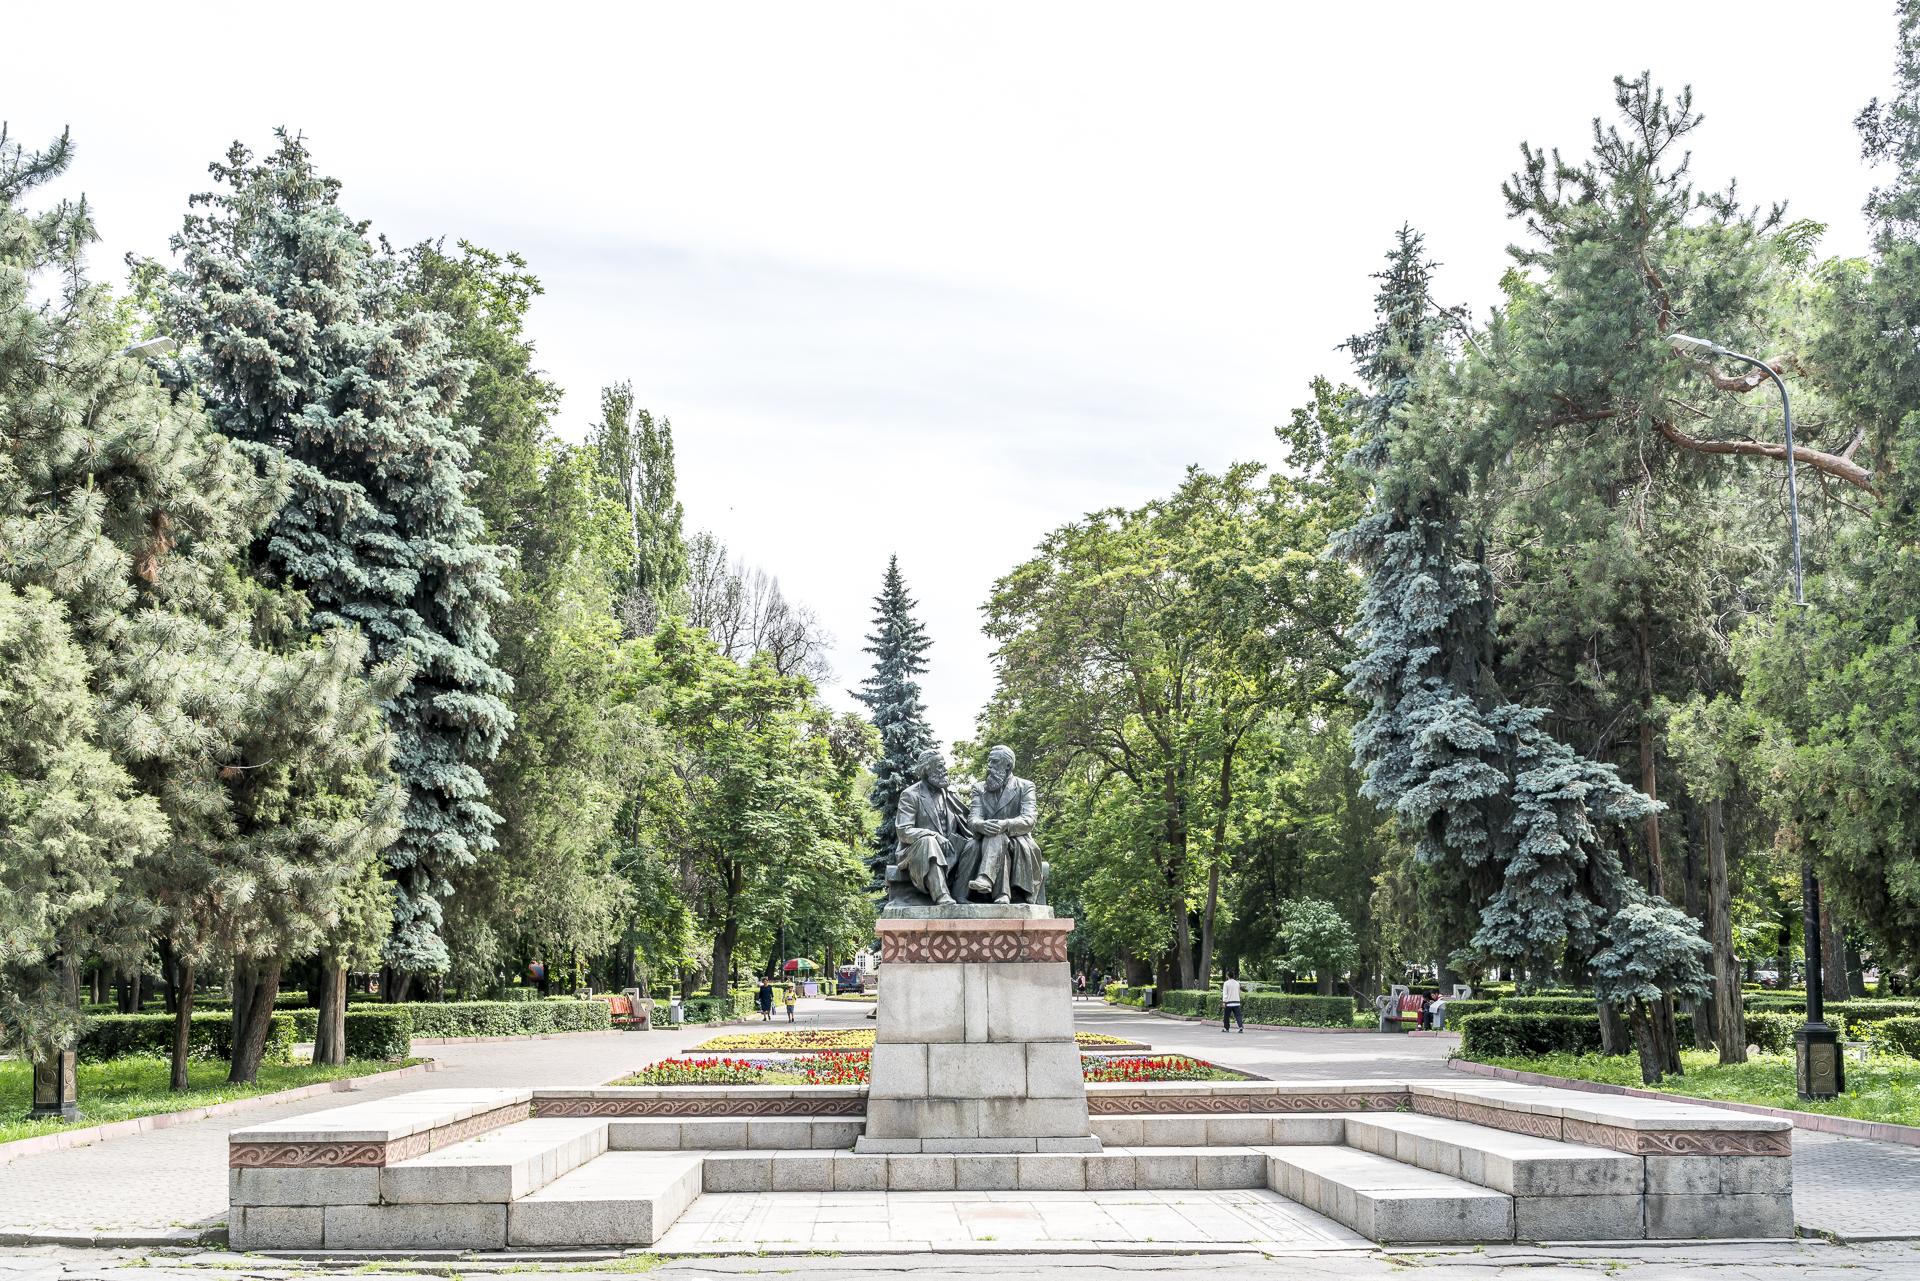 Bischkek Parkanlagen